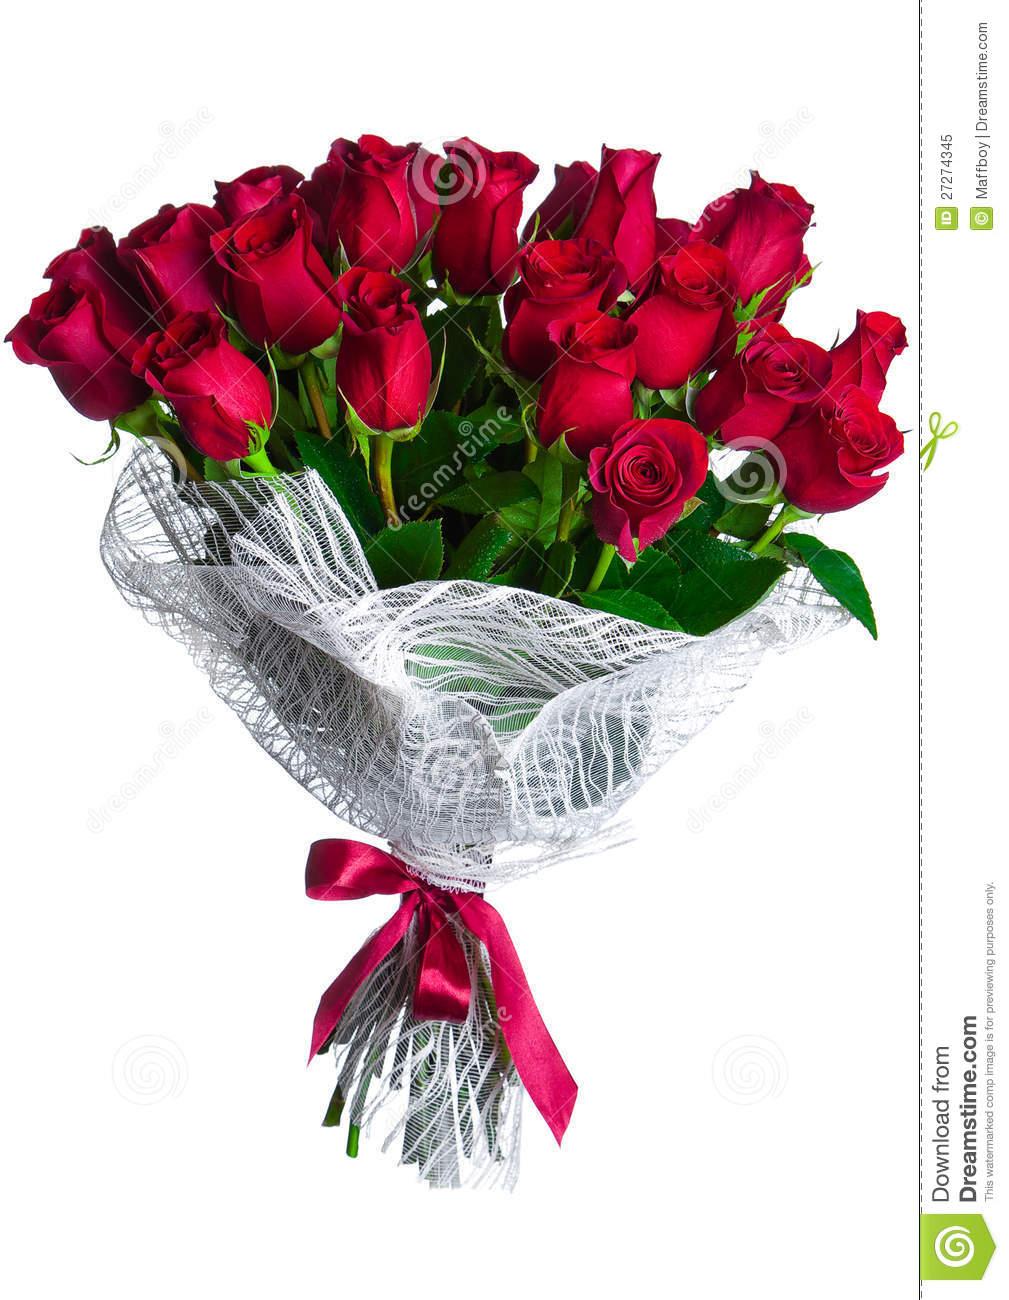 Bouquet flowers pictures free transparent download Free flower bouquet images - ClipartFest transparent download